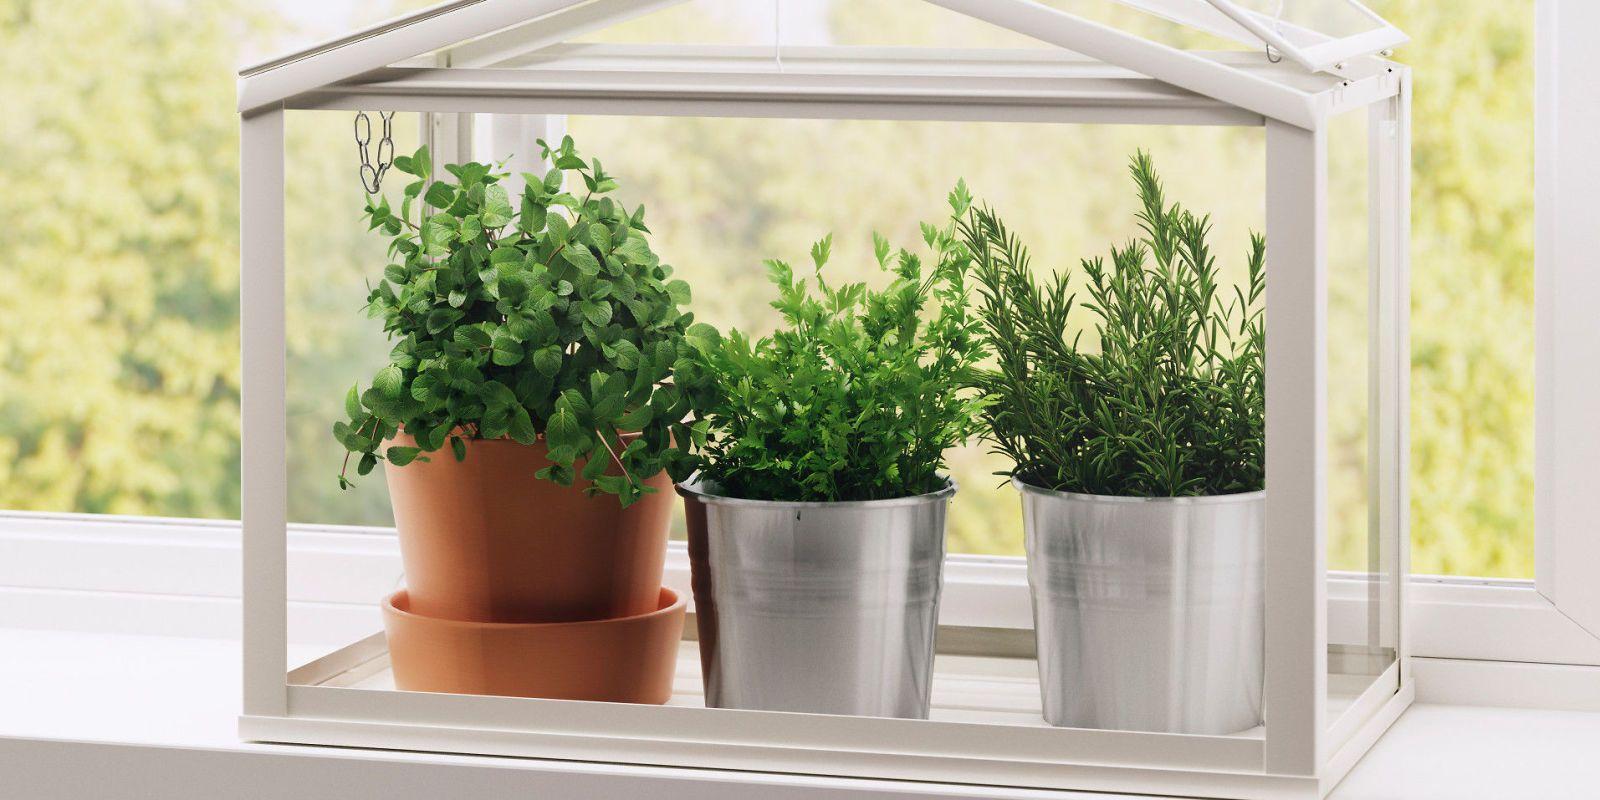 17 Indoor Herb Garden Ideas